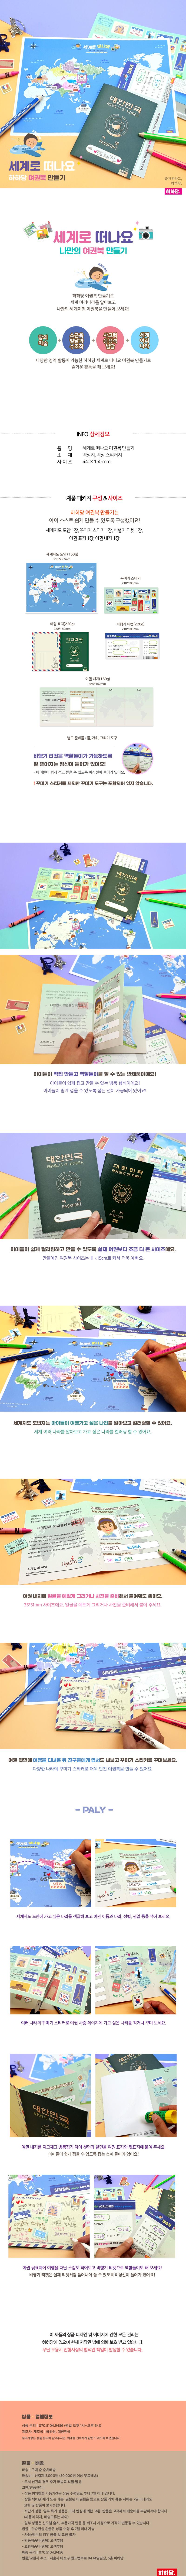 세계로 떠나요 - 여권북 만들기1,900원-하하당유아동, 유아완구/교구, 미술놀이, 미술교구바보사랑세계로 떠나요 - 여권북 만들기1,900원-하하당유아동, 유아완구/교구, 미술놀이, 미술교구바보사랑